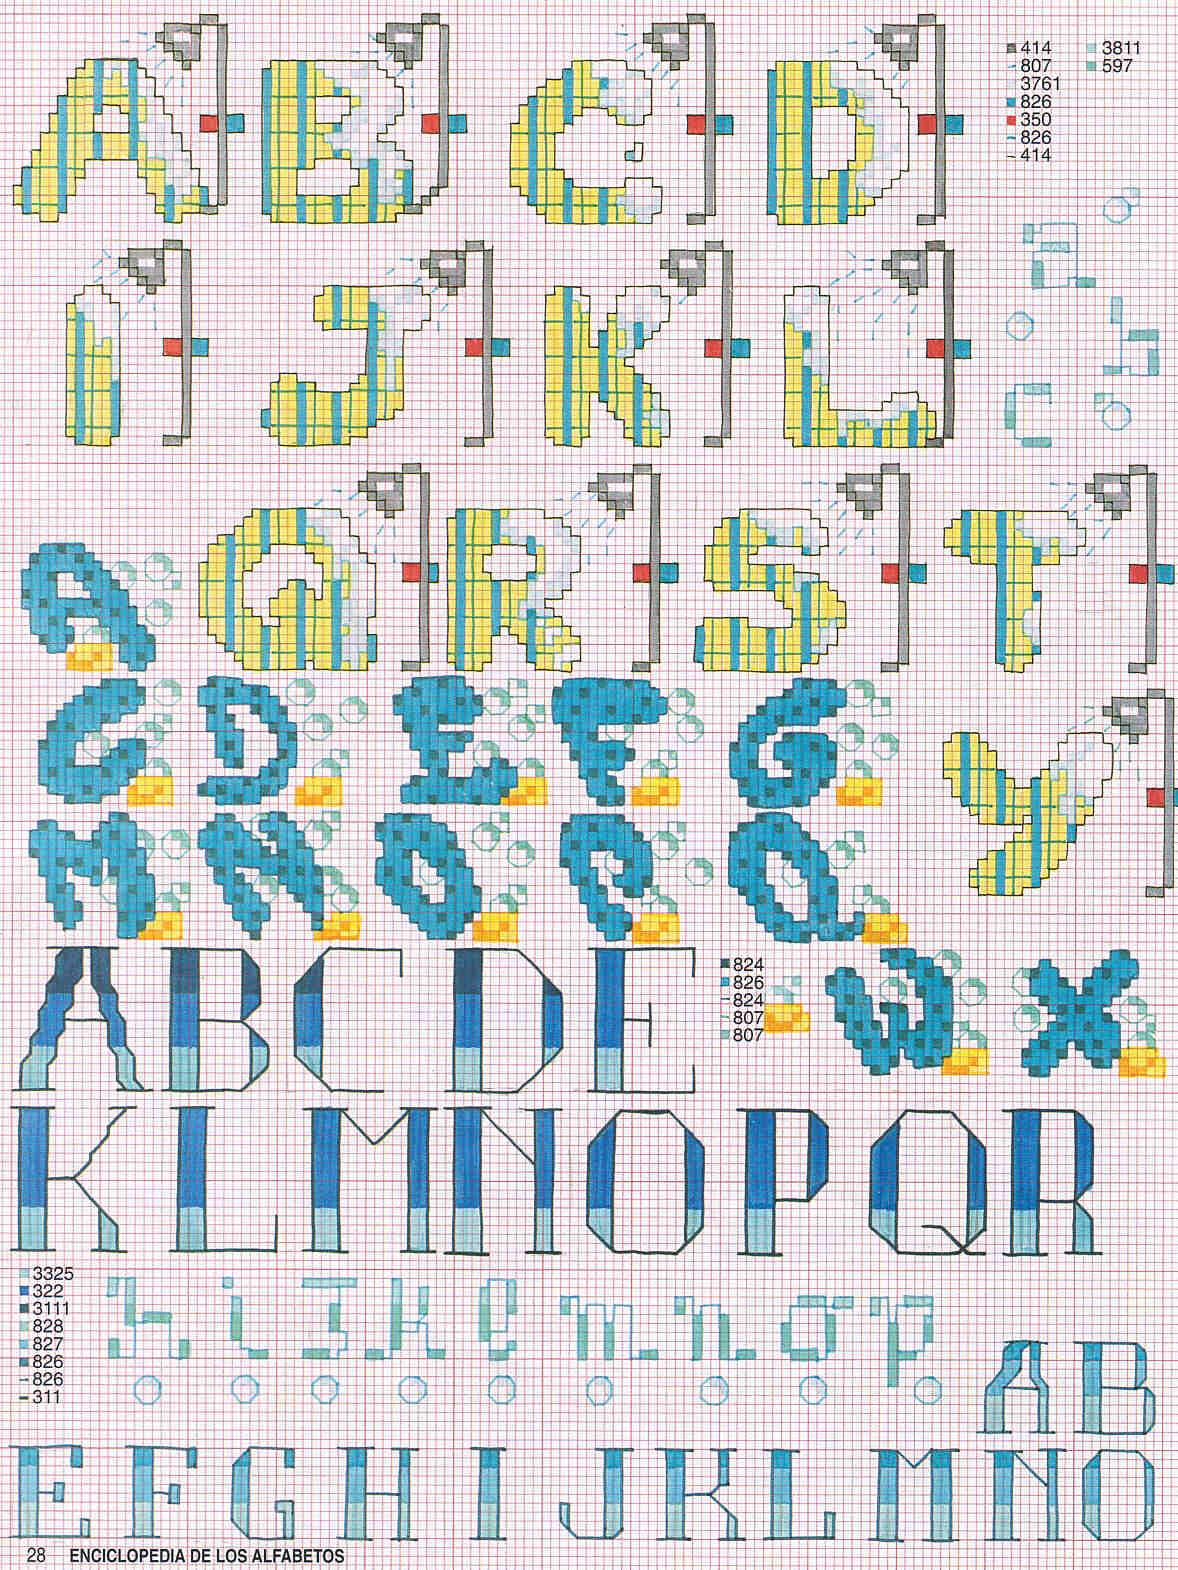 alfabeto bagno con spugne e docce punto croce (1) - magiedifilo.it punto croce uncinetto schemi ...